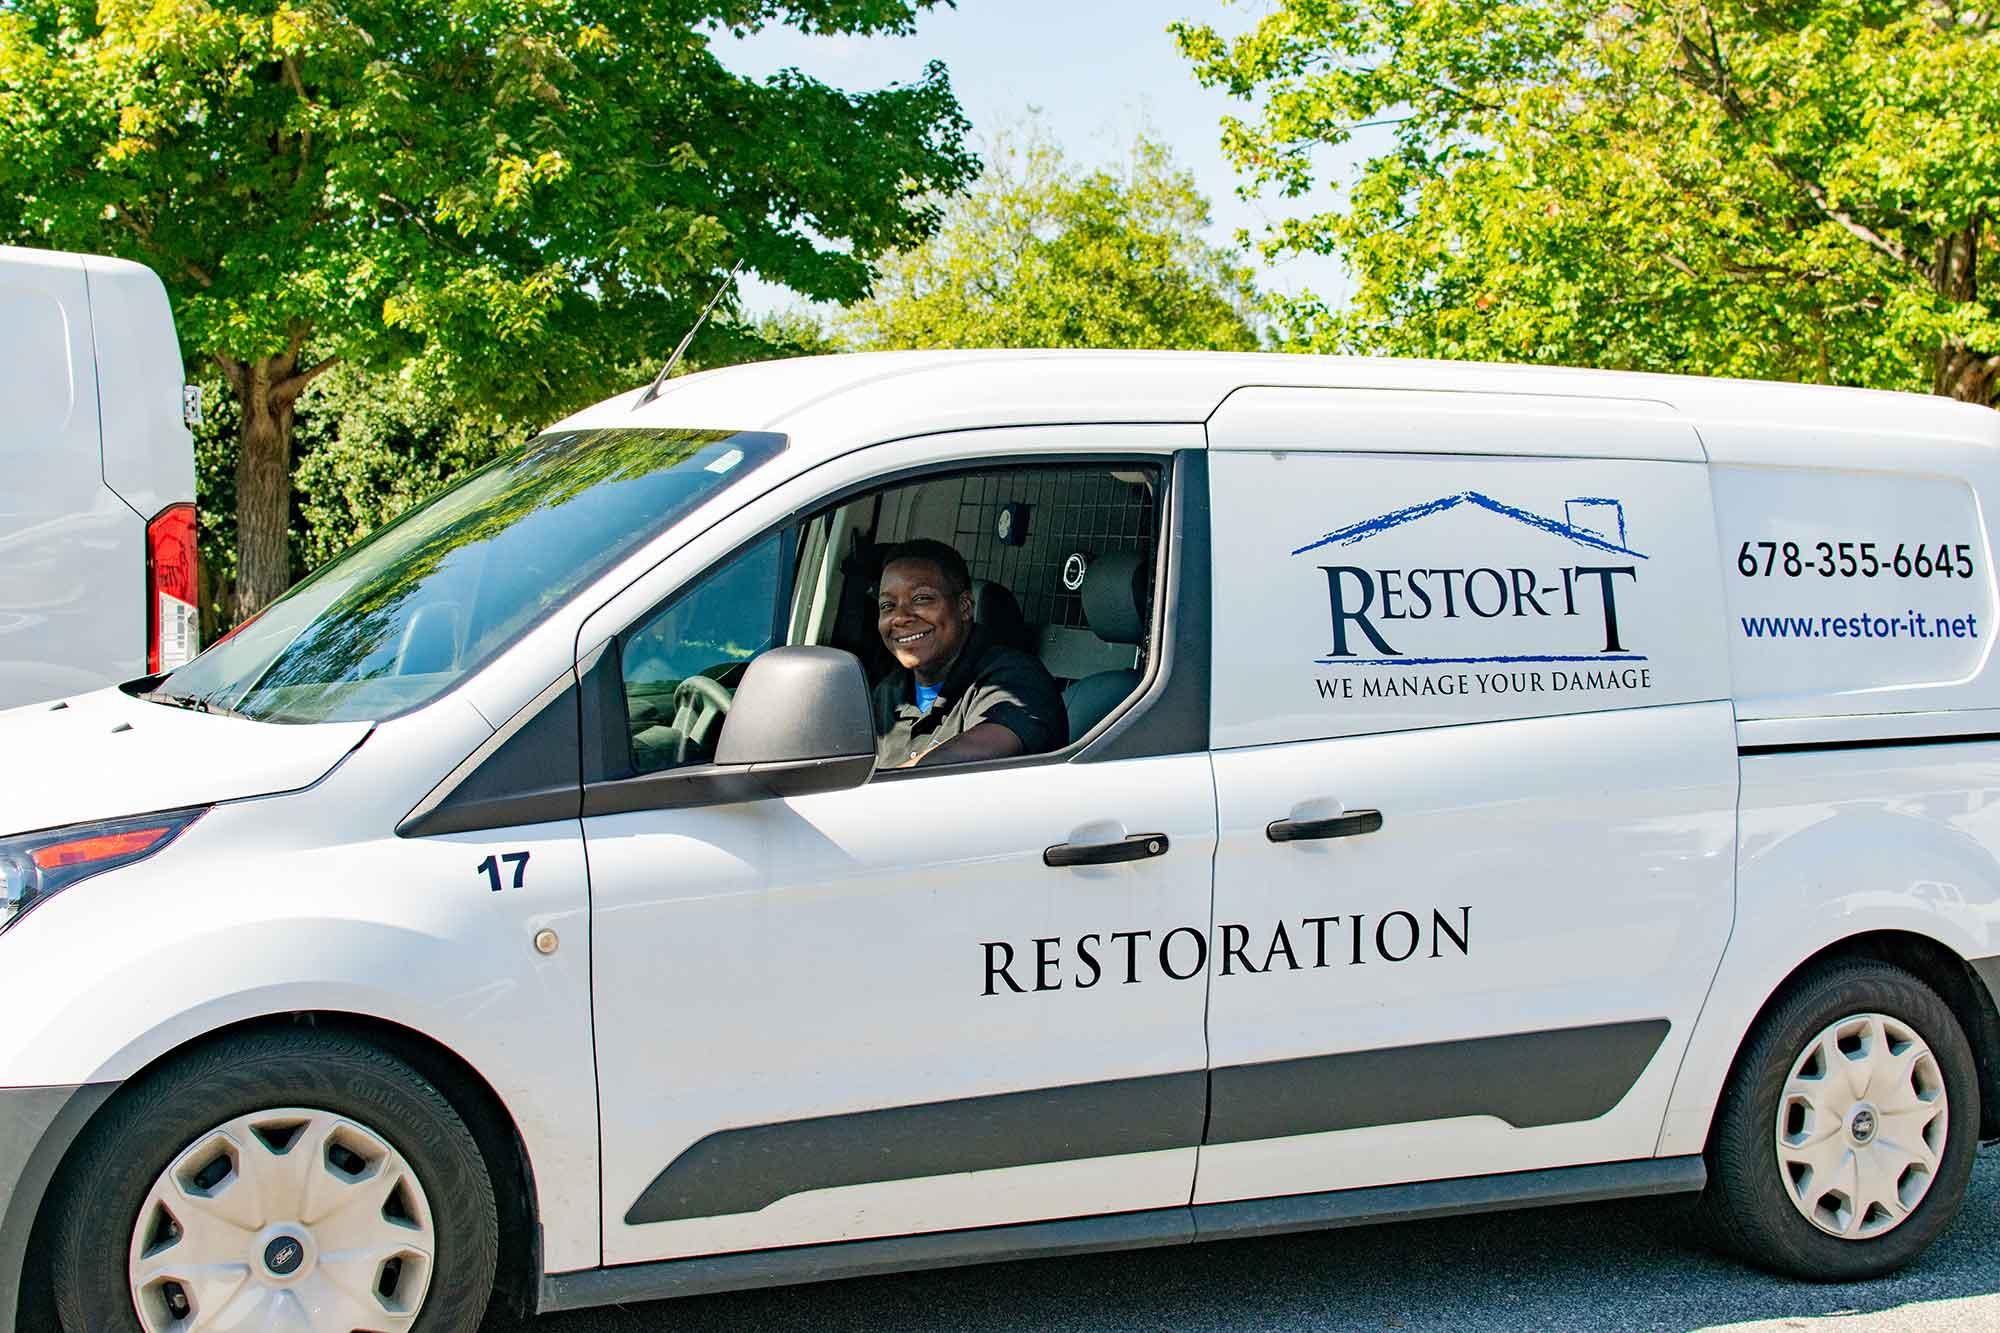 Restor It Service Van